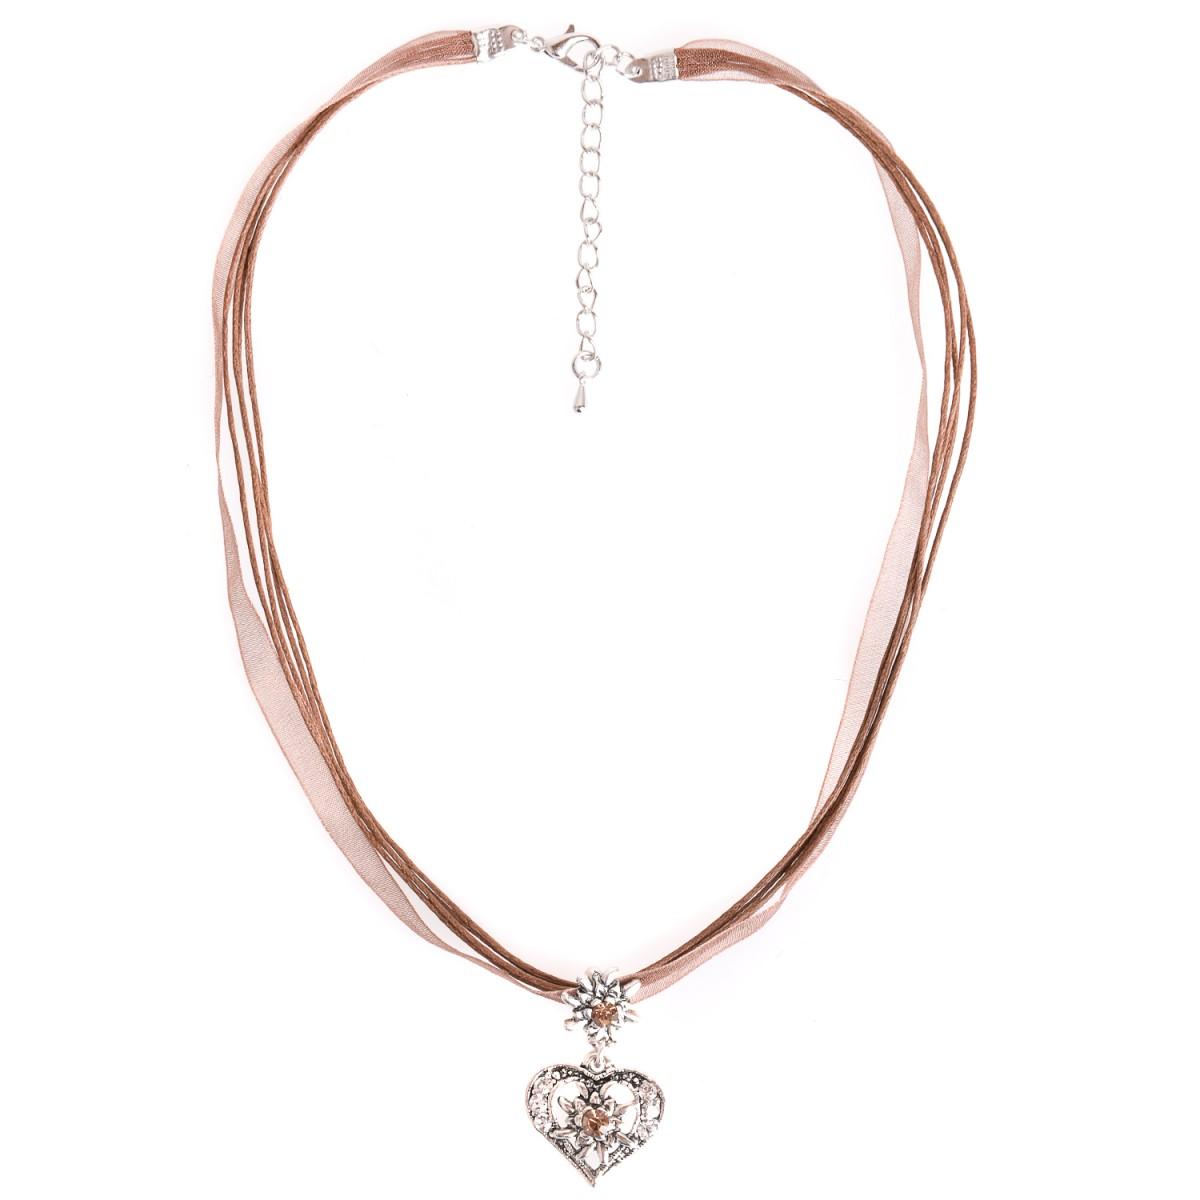 Halskette mit 4 Bändern und Herzanhänger in Braun von Schlick Accessoires